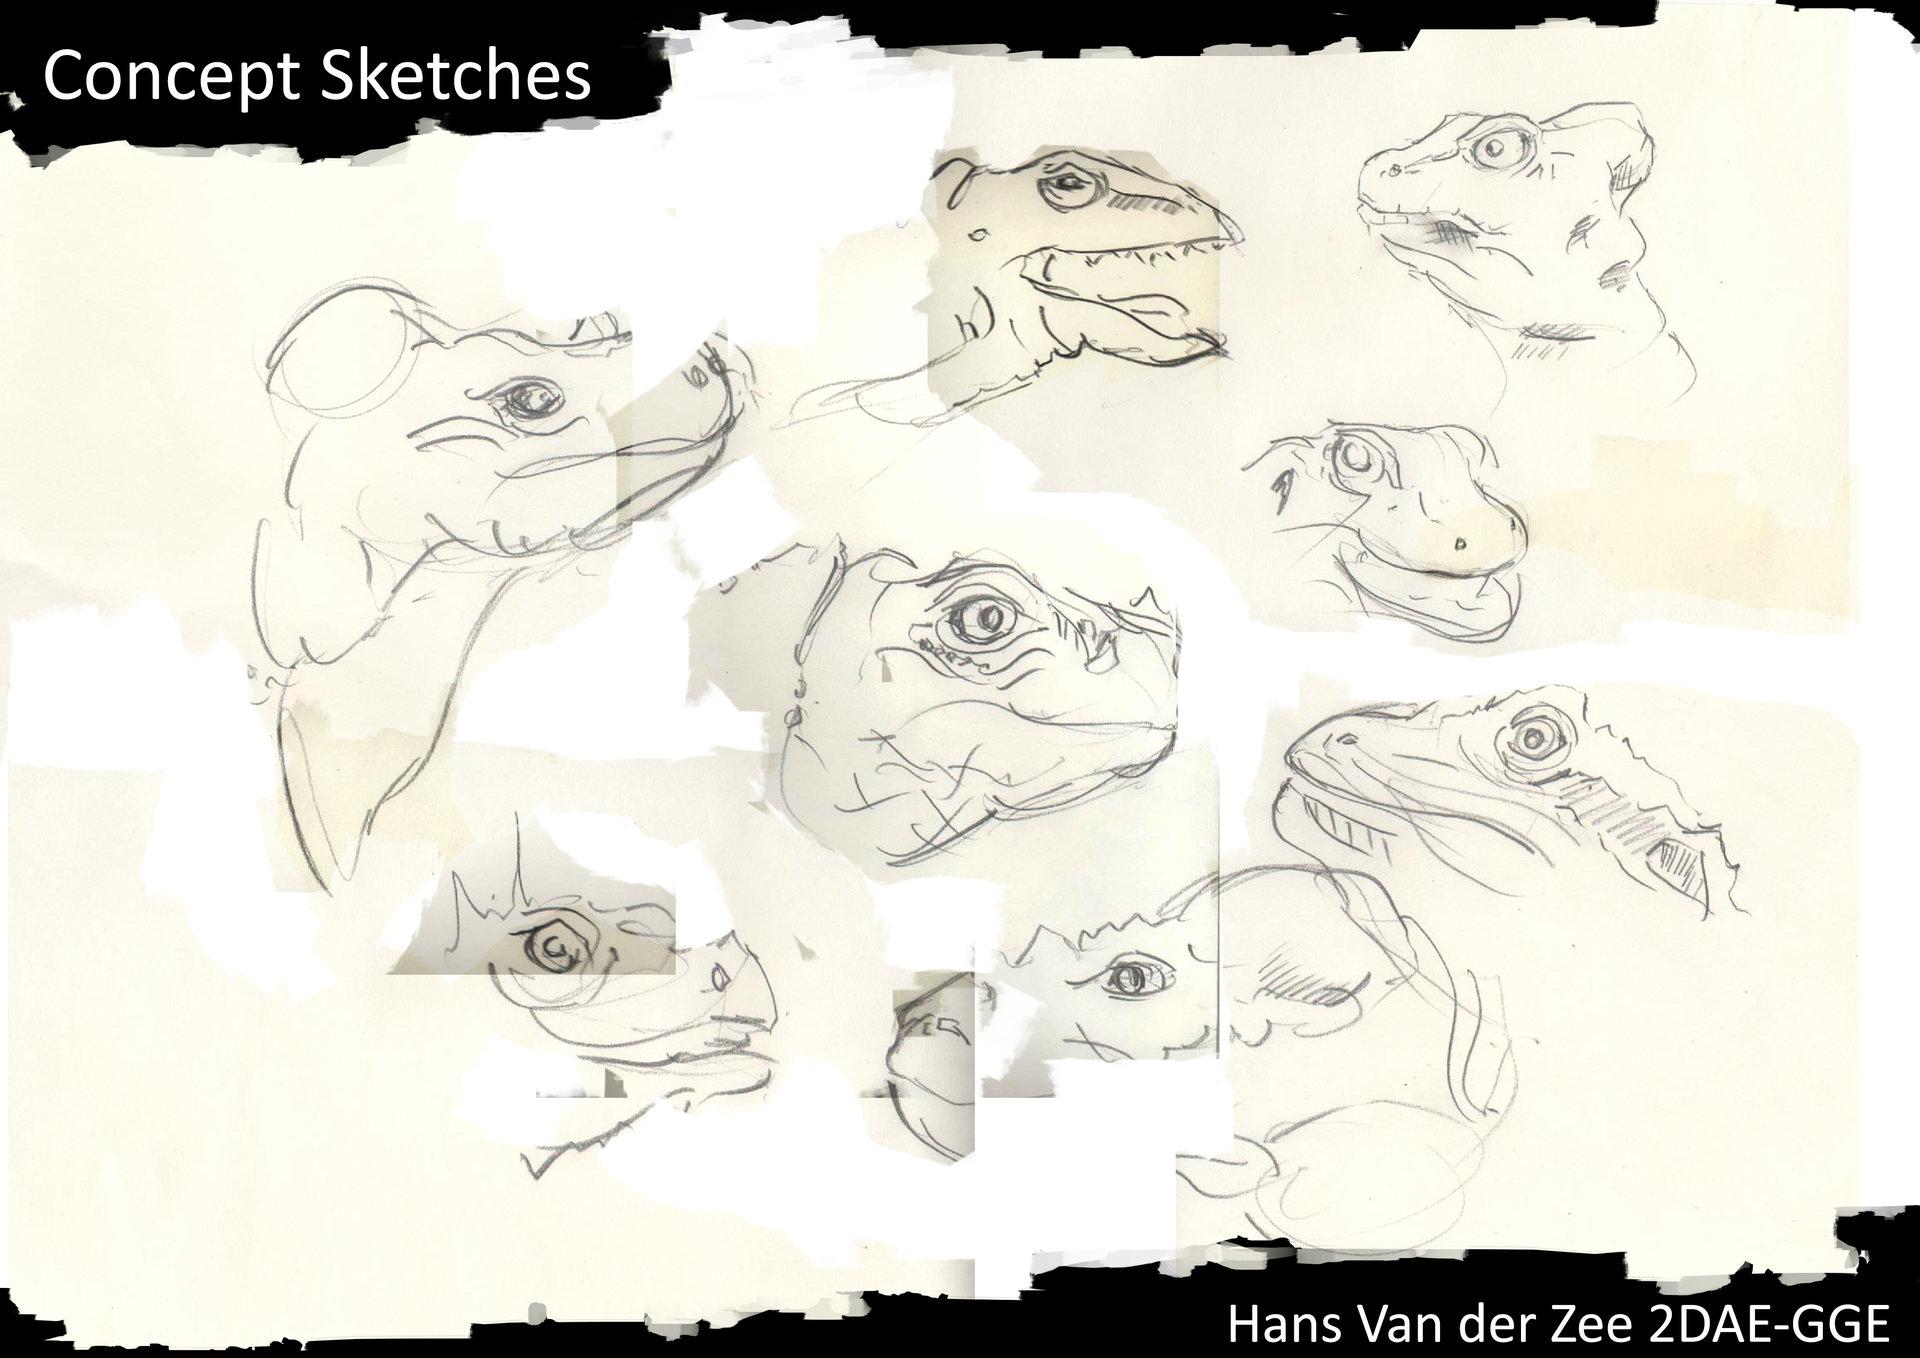 Hans van der zee 2dae van der zee hans exam concept sketches p4